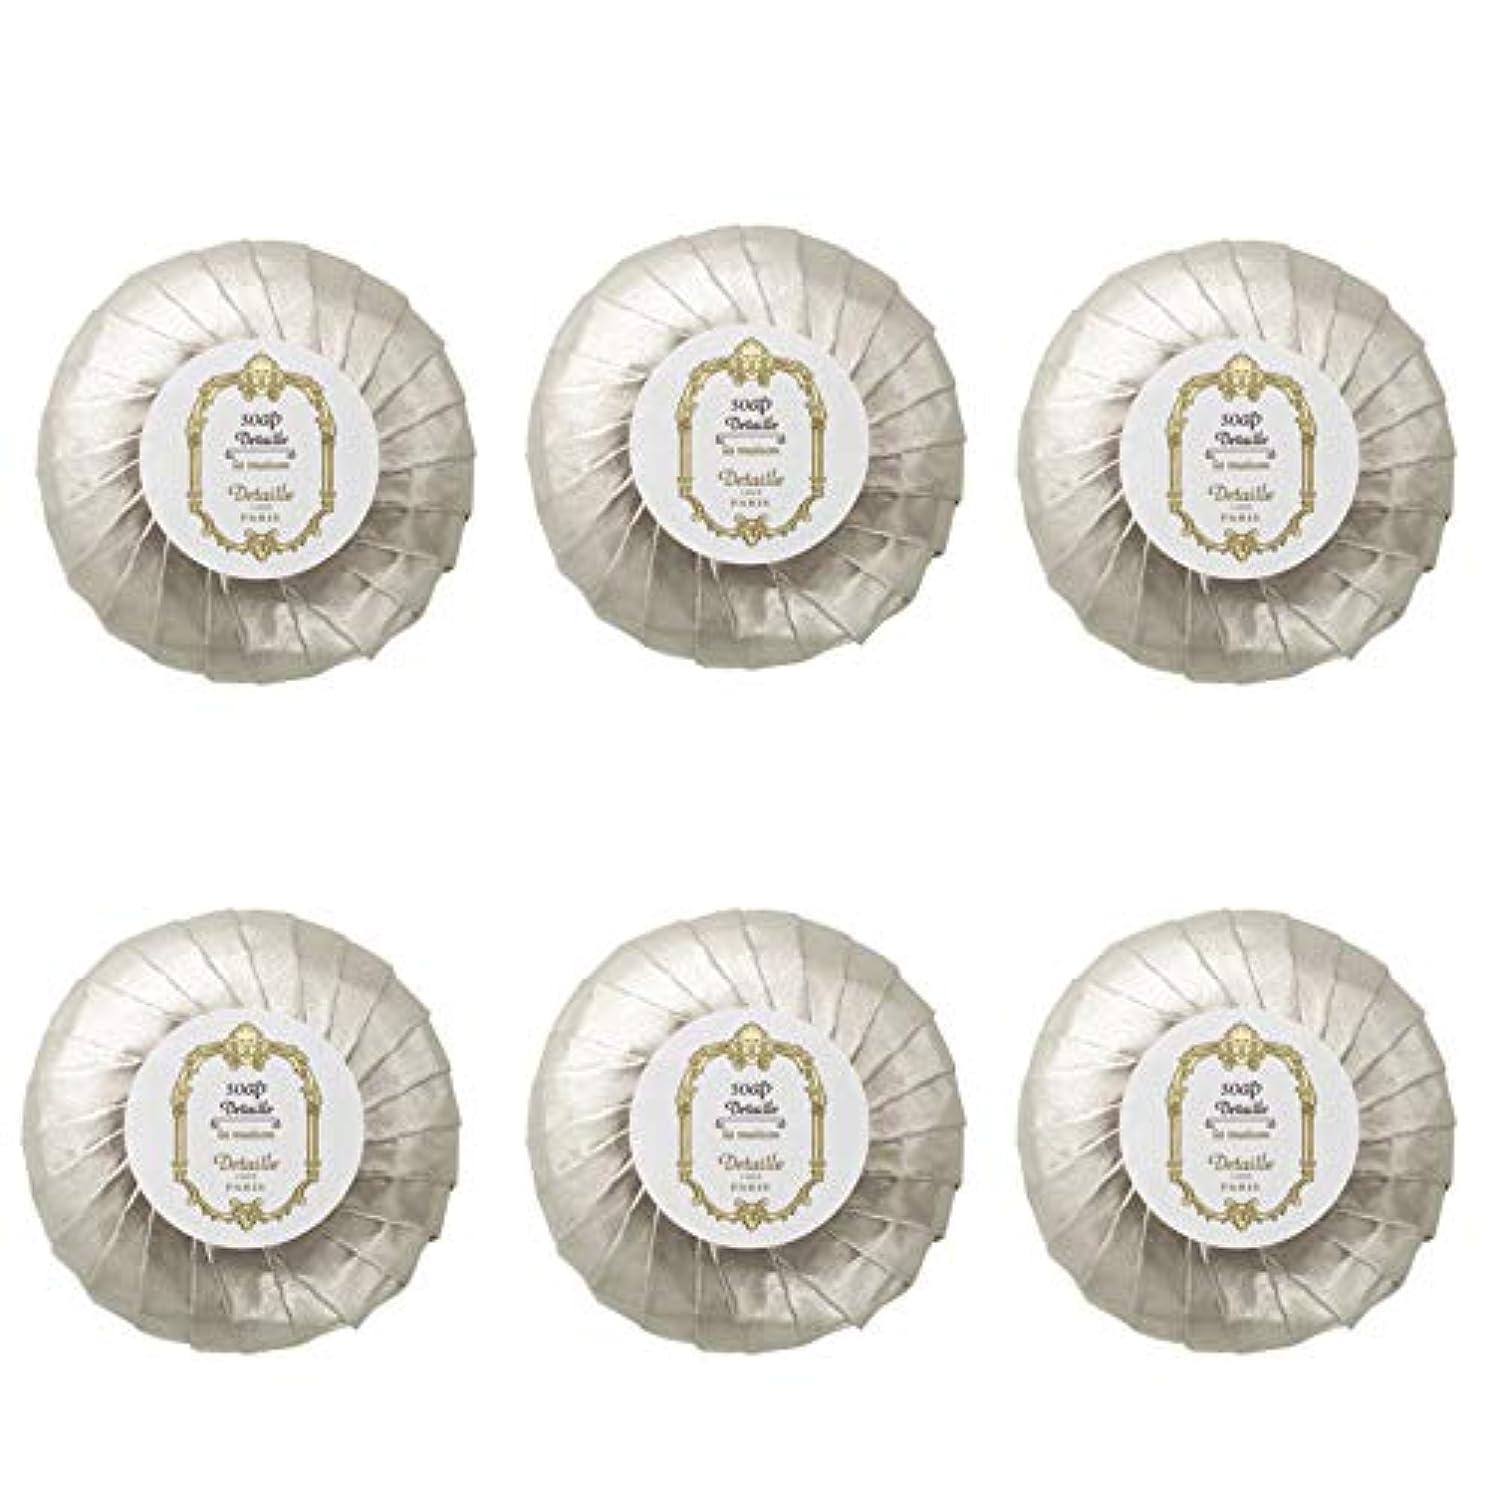 遮る同時パーティーPOLA デタイユ ラ メゾン スキンソープ 固形石鹸 (プリーツ包装) 50g×6個